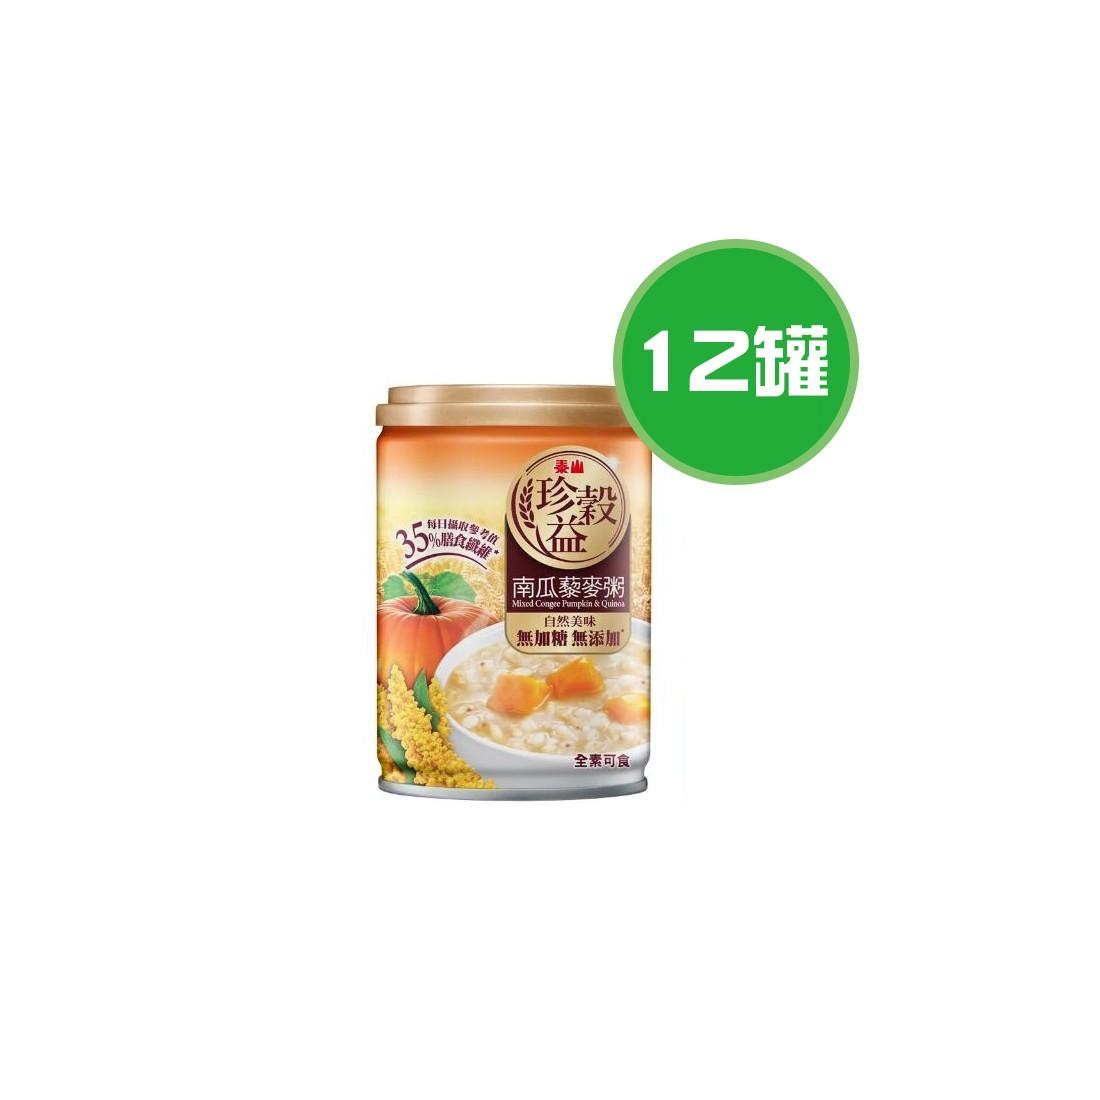 金車鮮蝦香魚 超值組P (鮮蝦-特大2包+香魚-公2包+香魚-母2包, 每包500g, 母含卵)